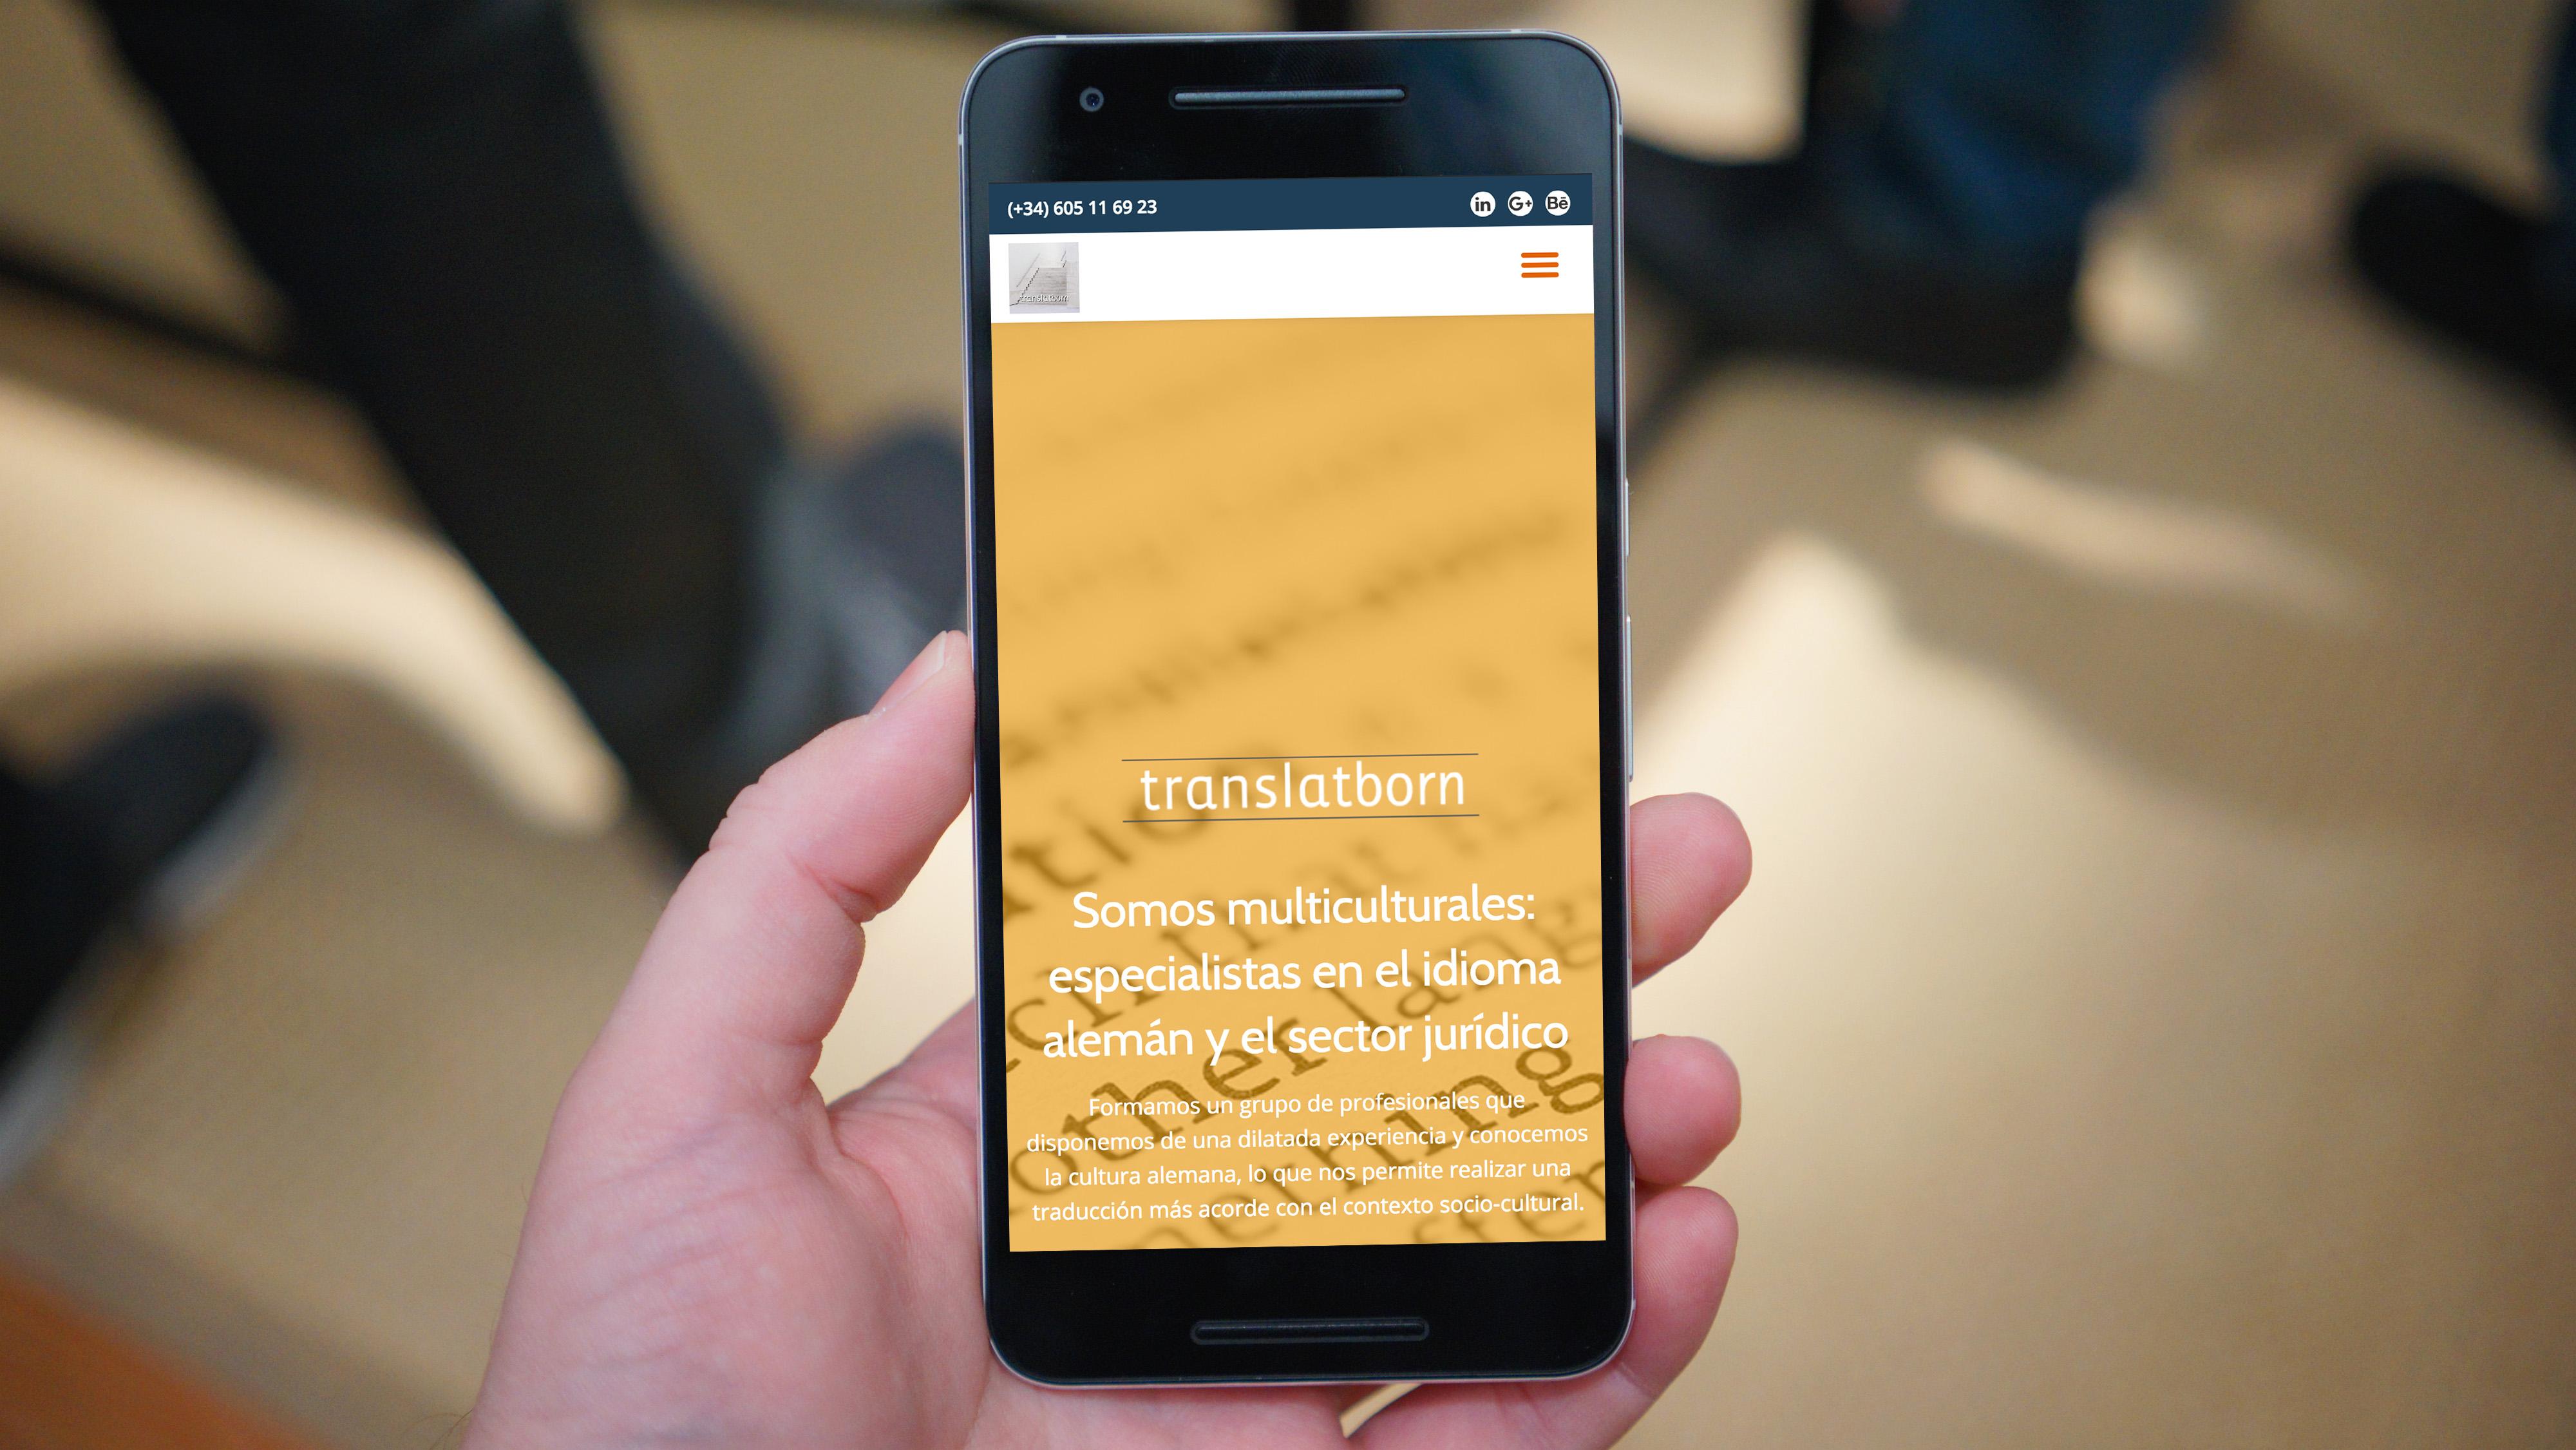 Translatborn: traducciones de correspondencia y gestión telefónica